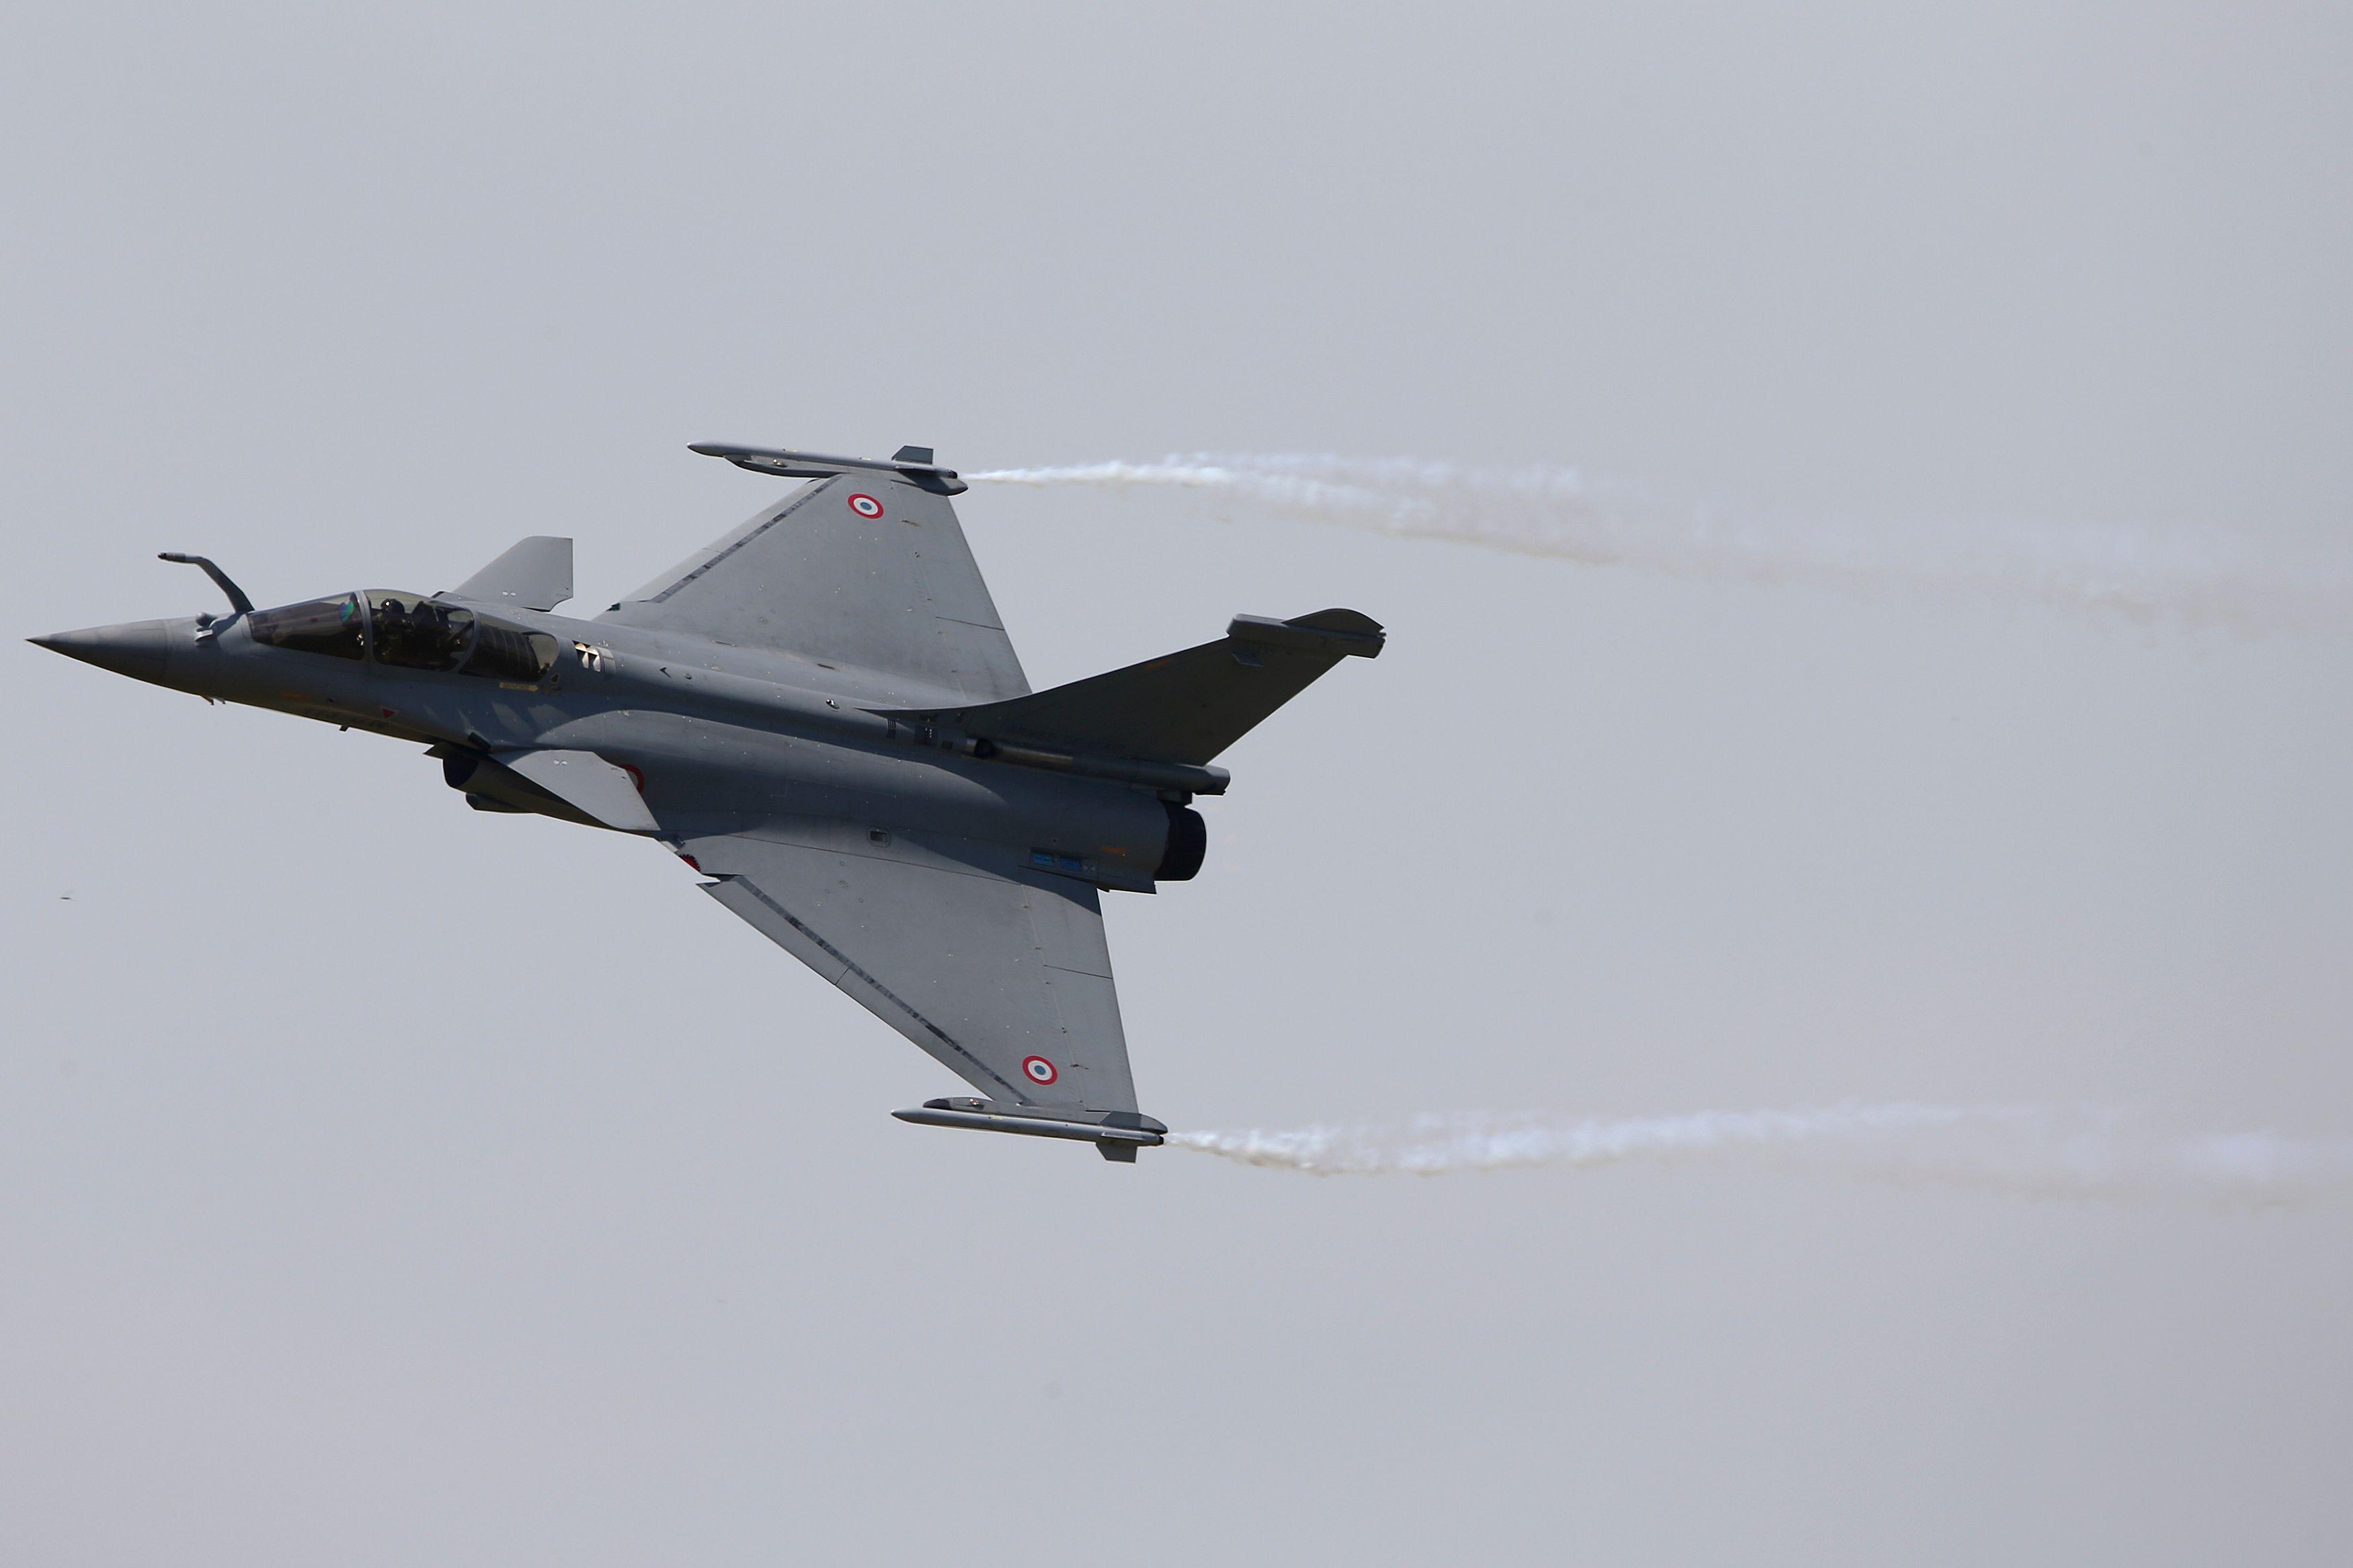 Les bombardements français en Syrie obtiennent-ils des résultats autres que symboliques ?